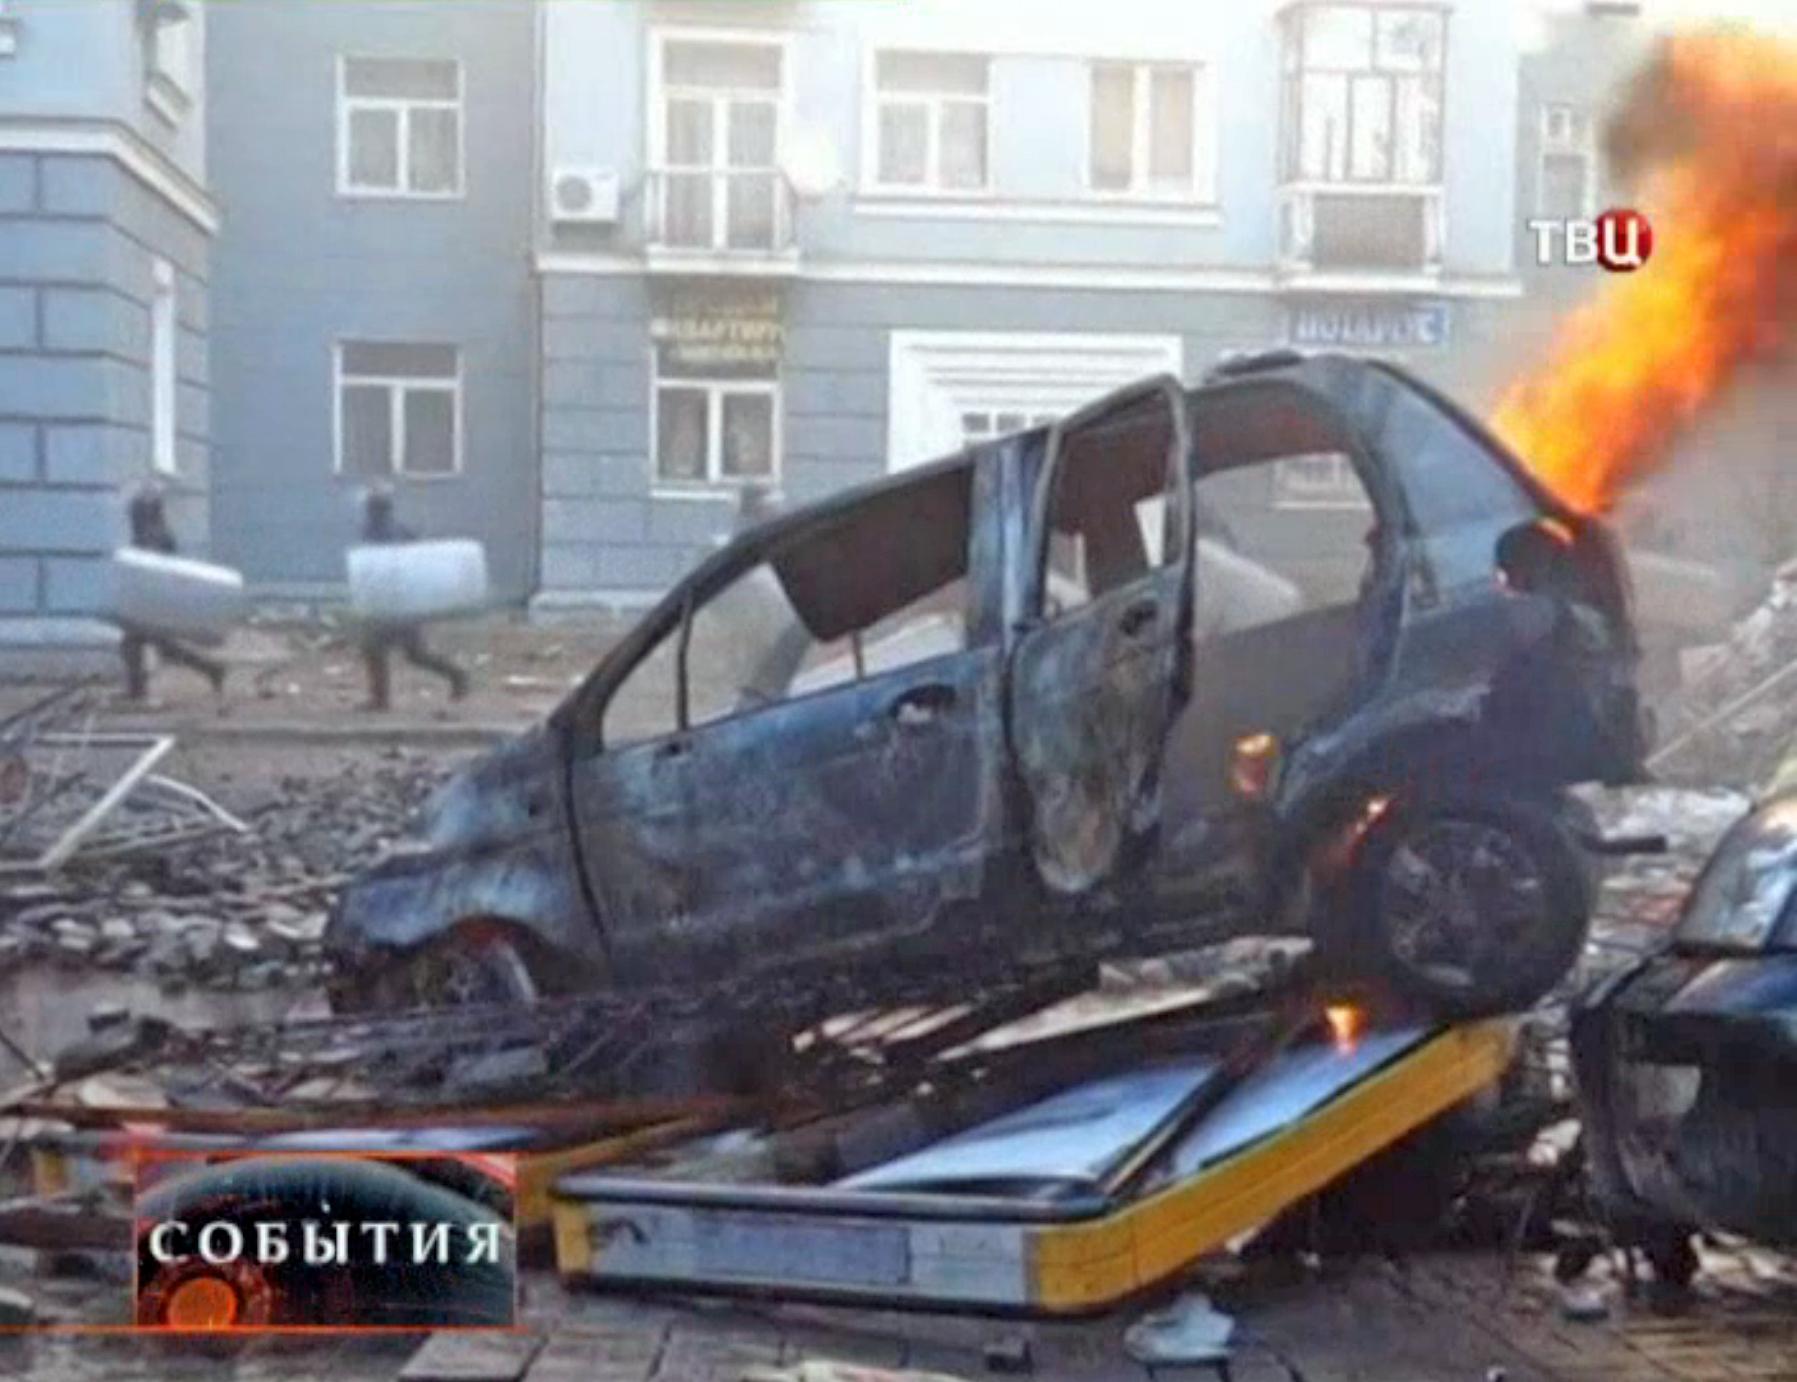 Последствия уличных беспорядков в Киеве